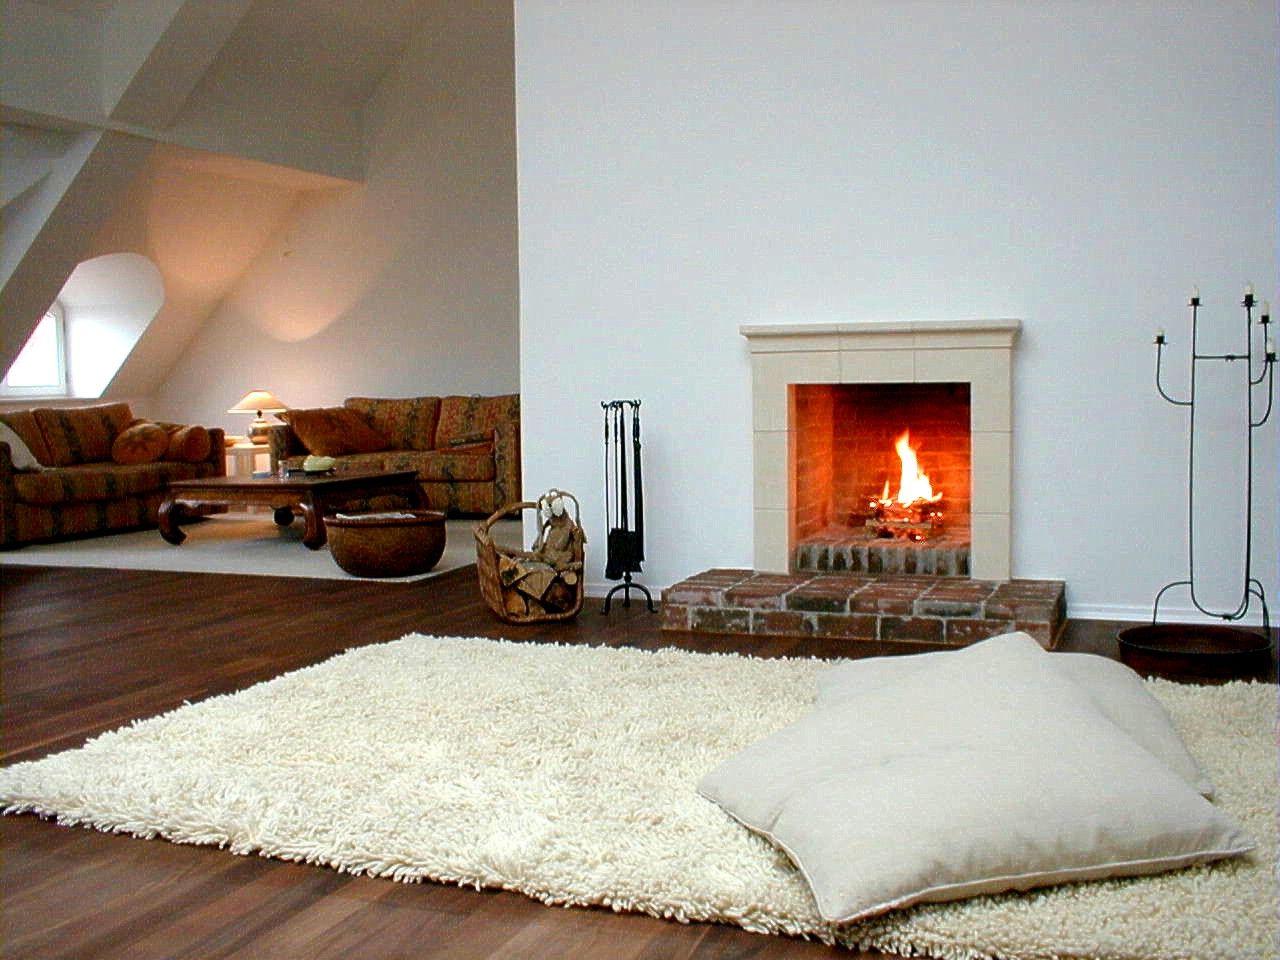 offener kamin #kamin #ofen #fireplace www.ofenkunst.de, Wohnzimmer dekoo